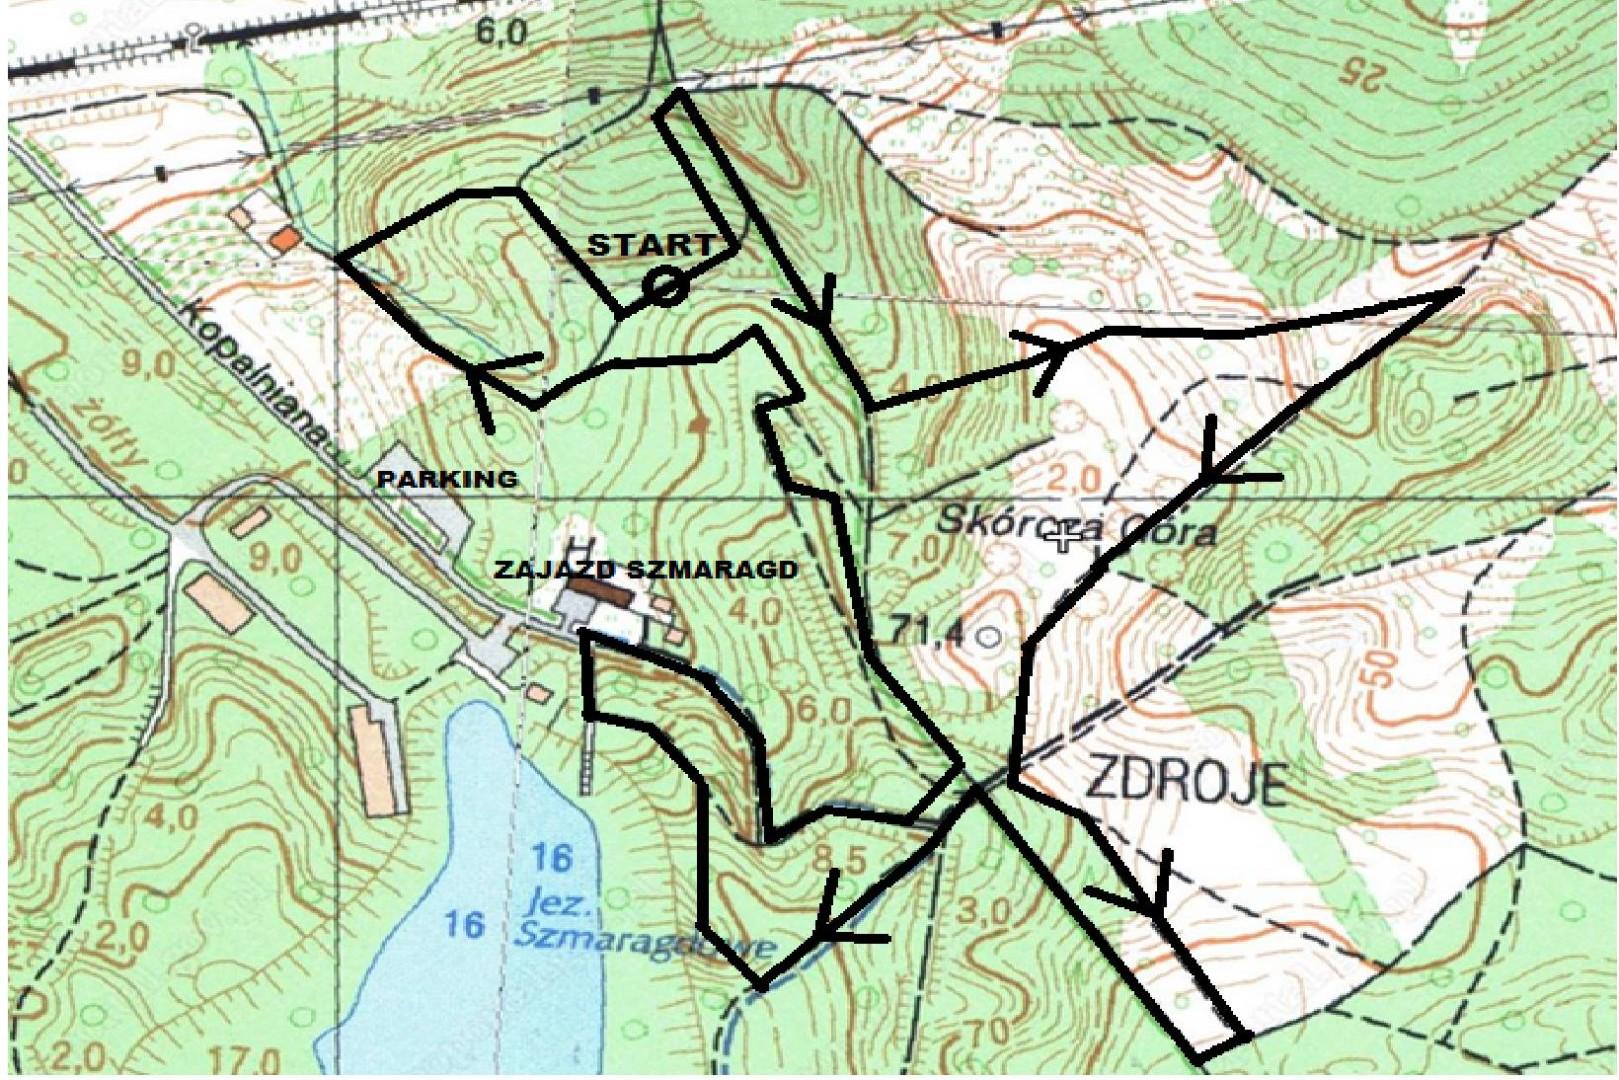 gryf maraton trzy wieze mapa trasa